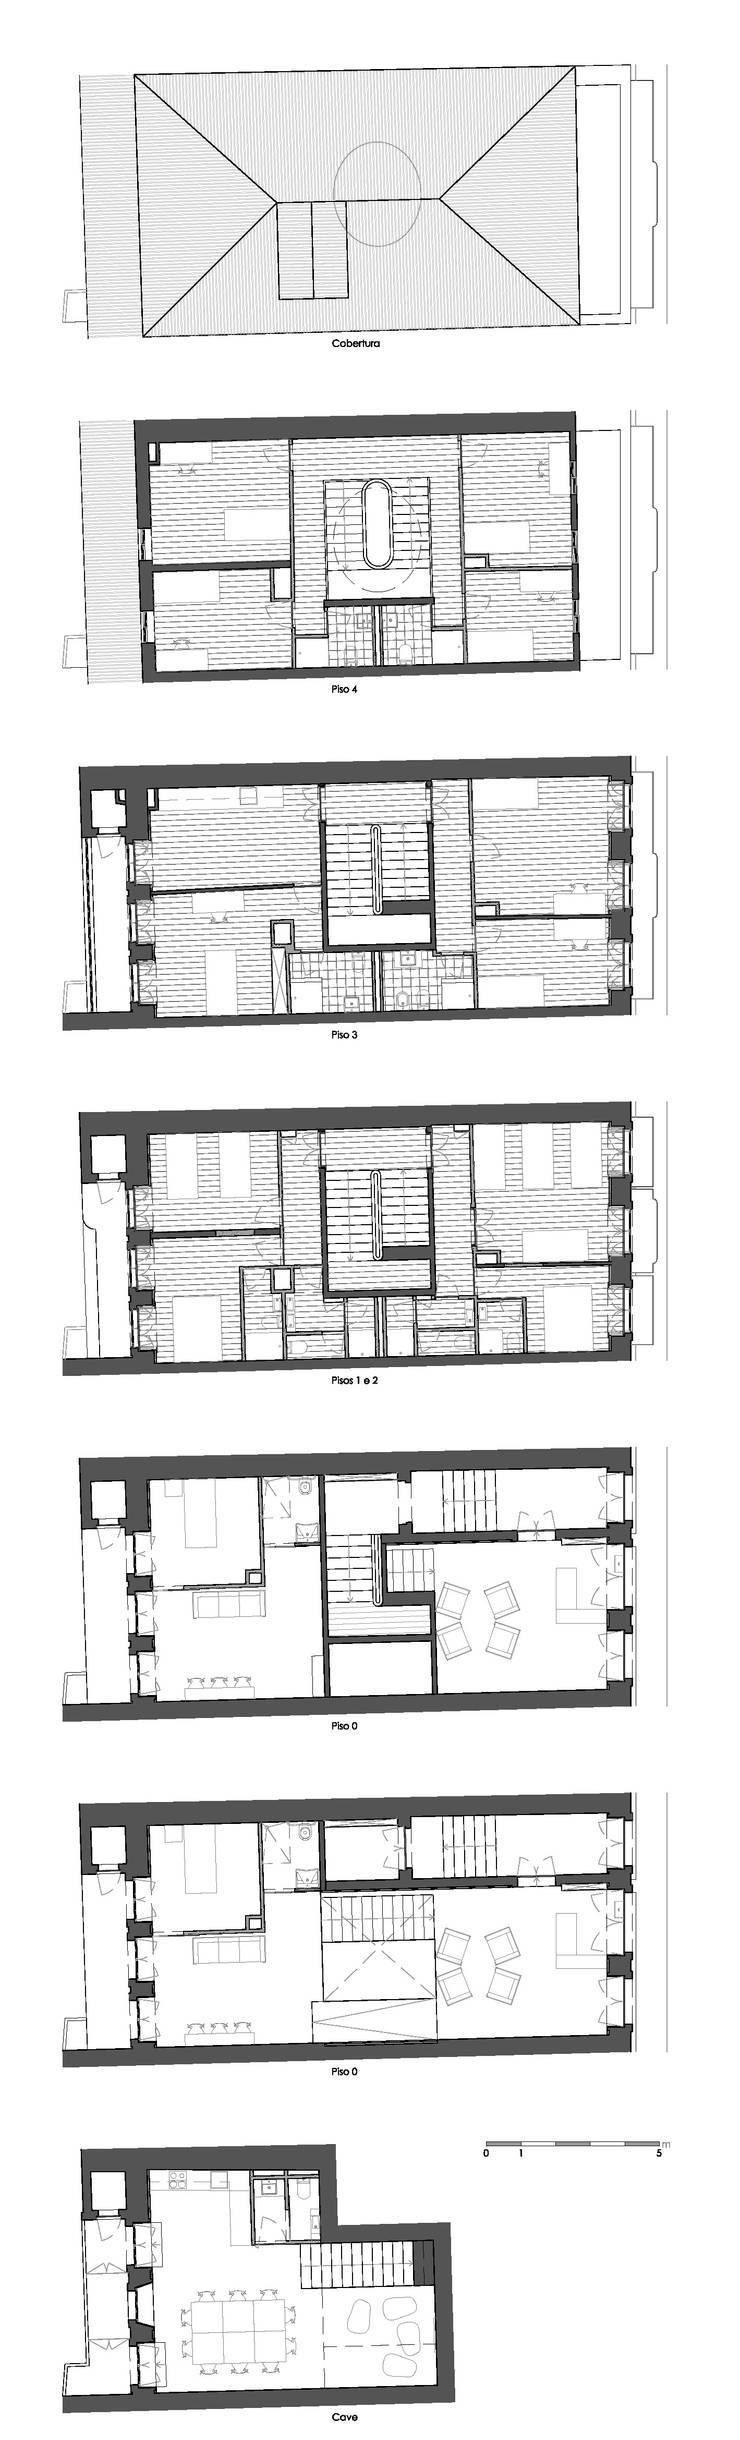 Plantas - Intervenção:   por Teresa Pinto Ribeiro | Arquitectura & Interiores